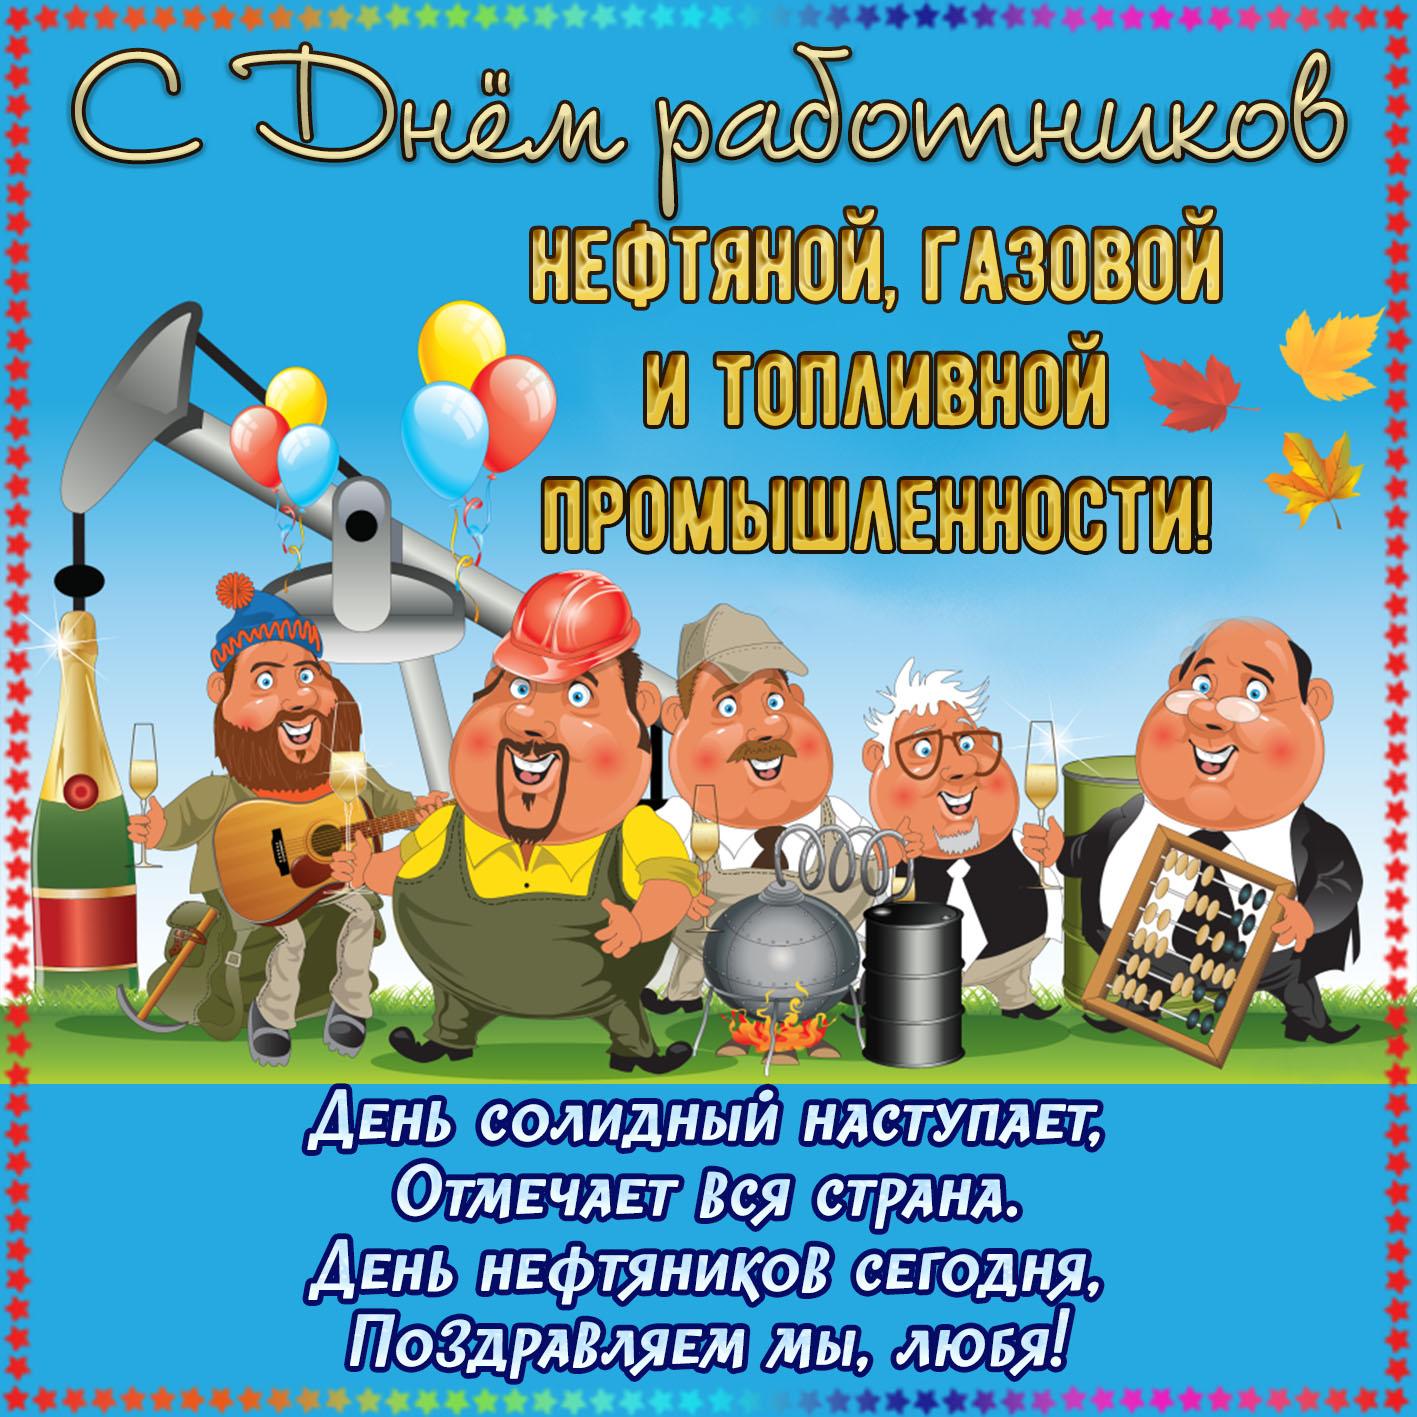 Поздравление, прикольные открытки день нефтяника 2019